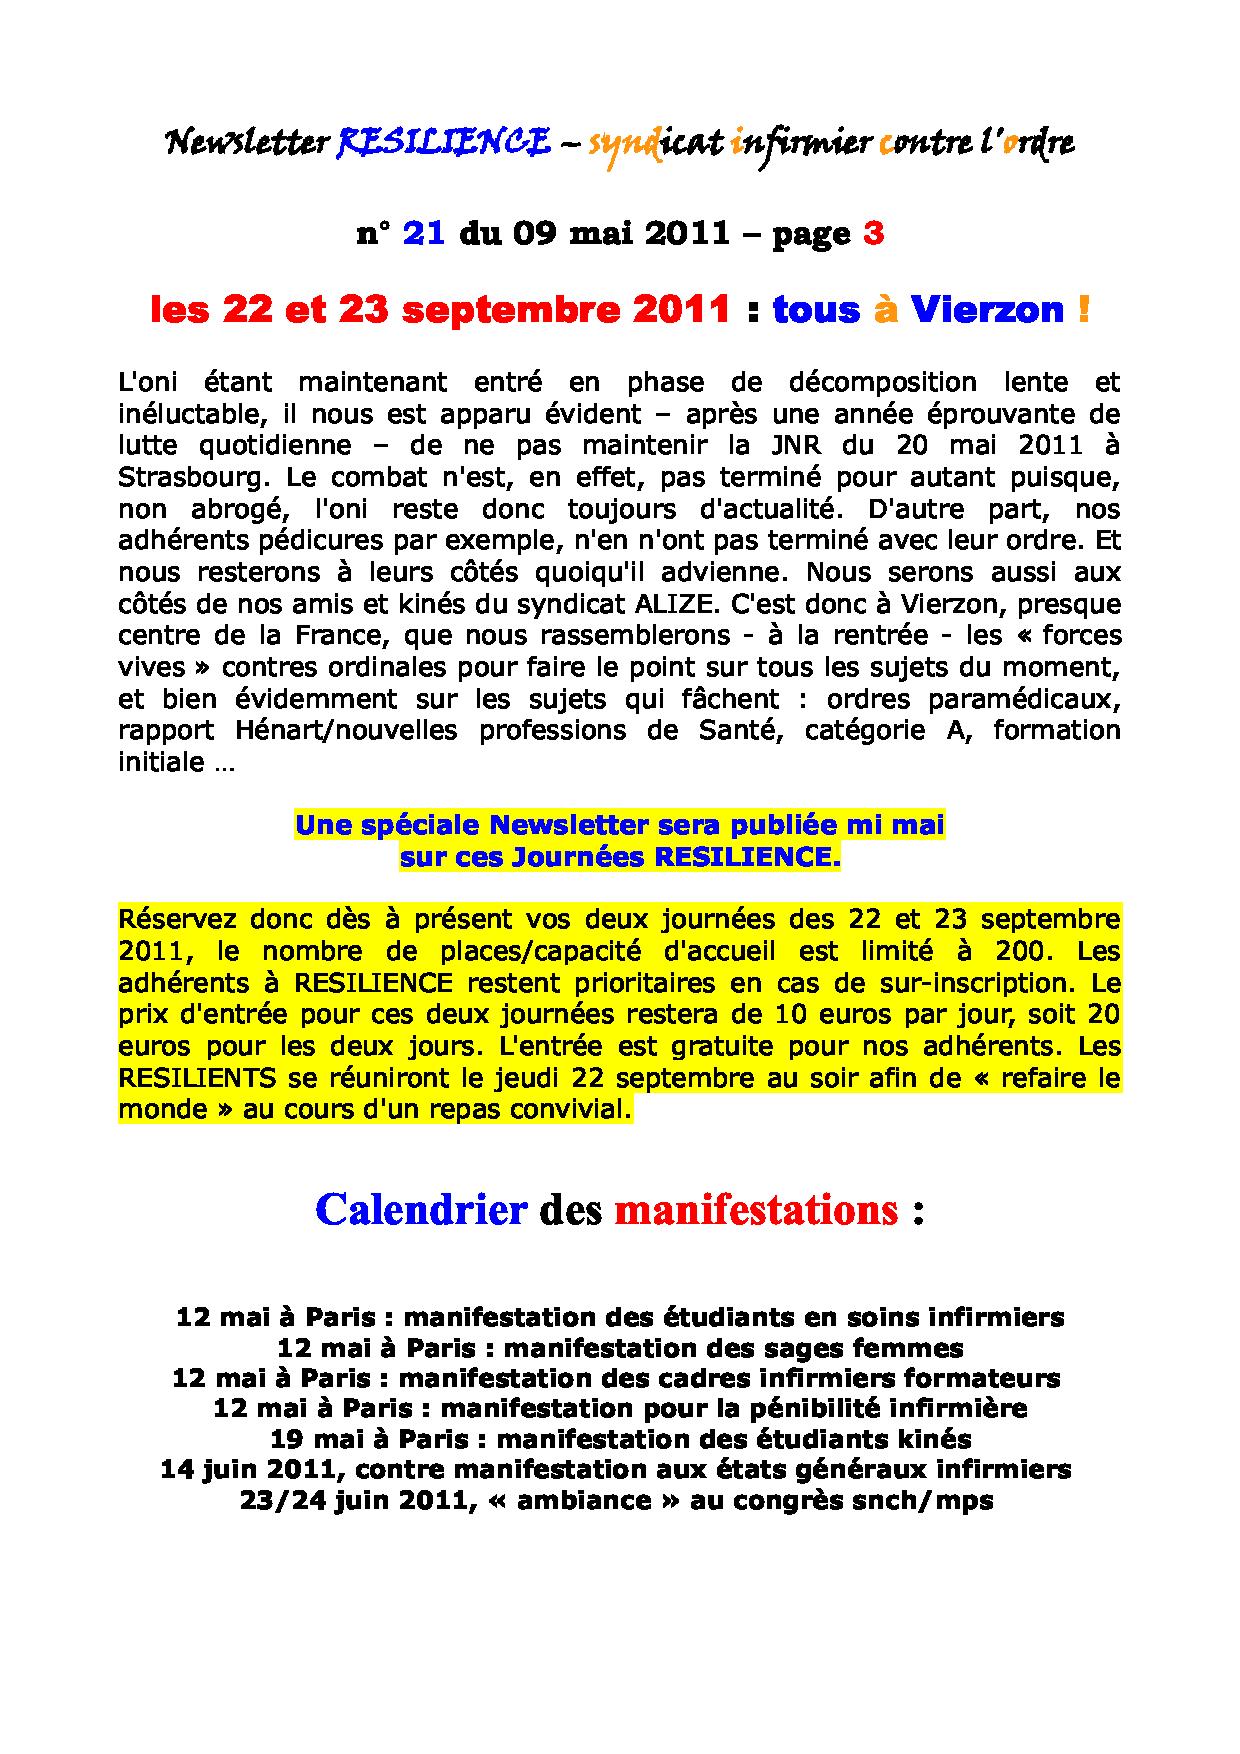 Newsletter RESILIENCE n° 21 du 09 mai 2011 1105130112361139708149919